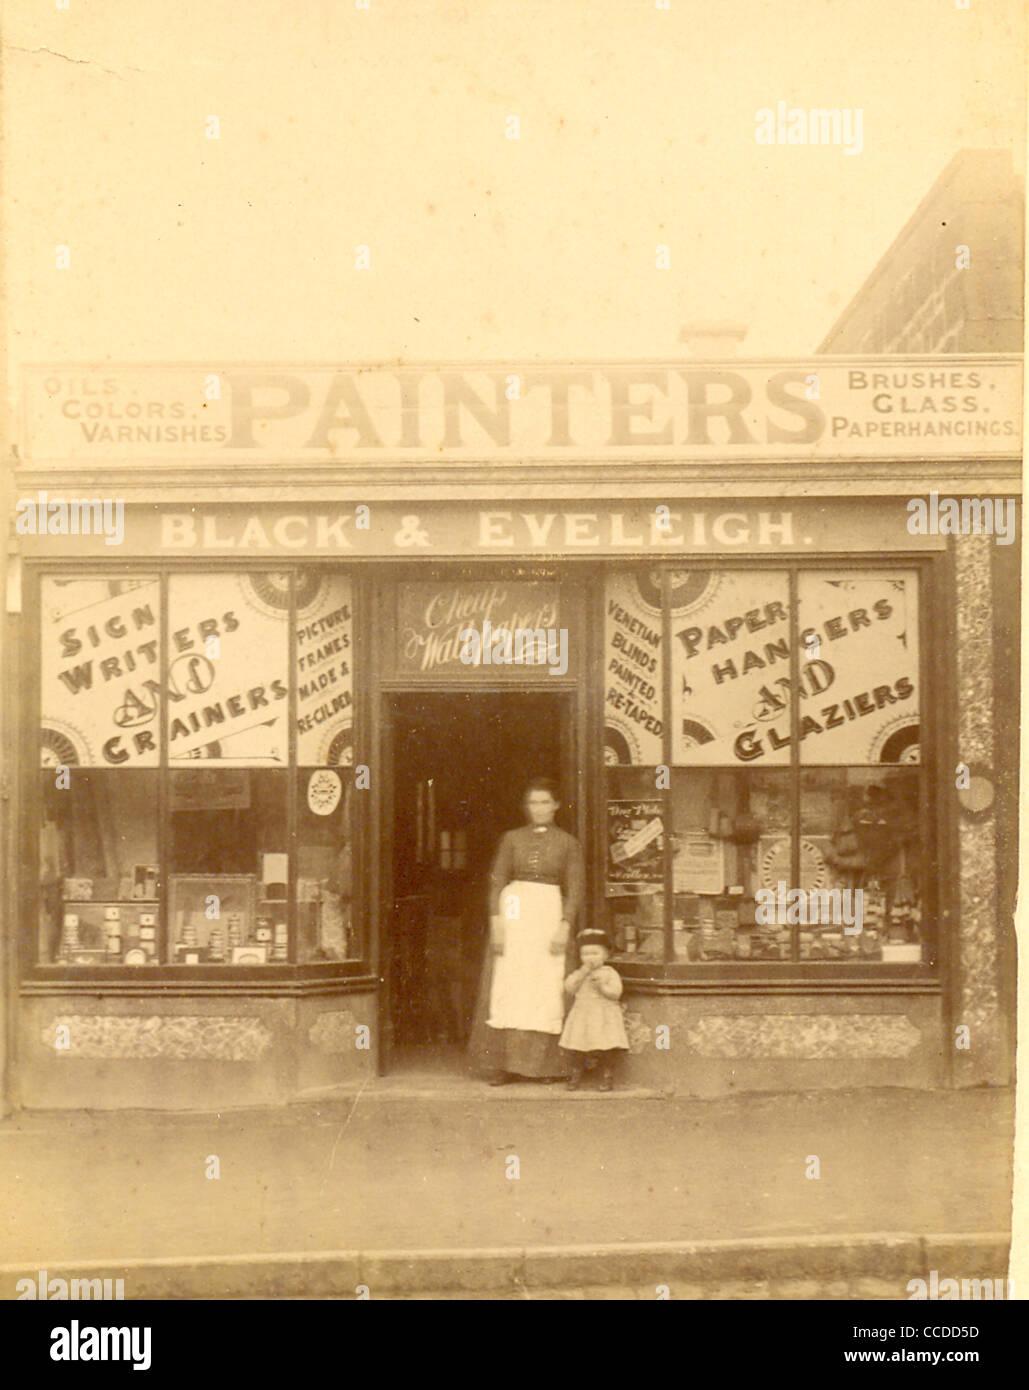 Photo du cabinet de l'écrivain et de la boutique de peintres, Black & Eveleigh vers 1895 Banque D'Images